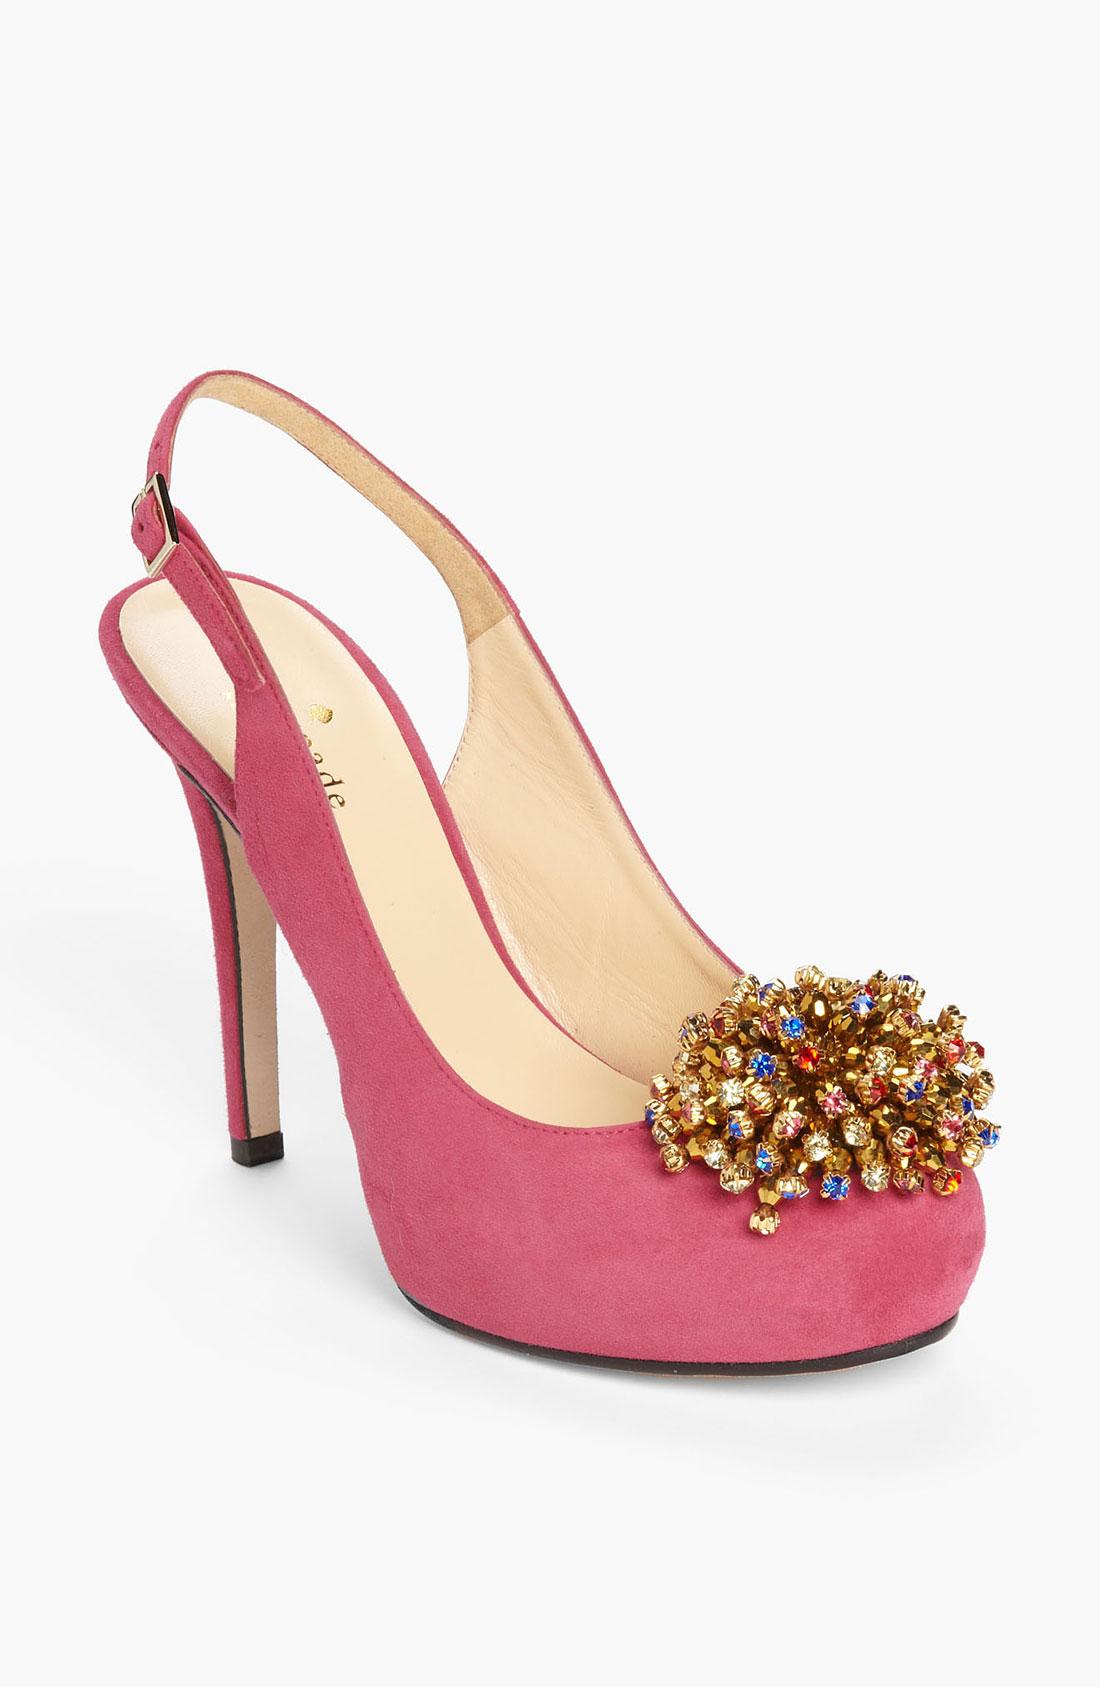 Short Pink Heels